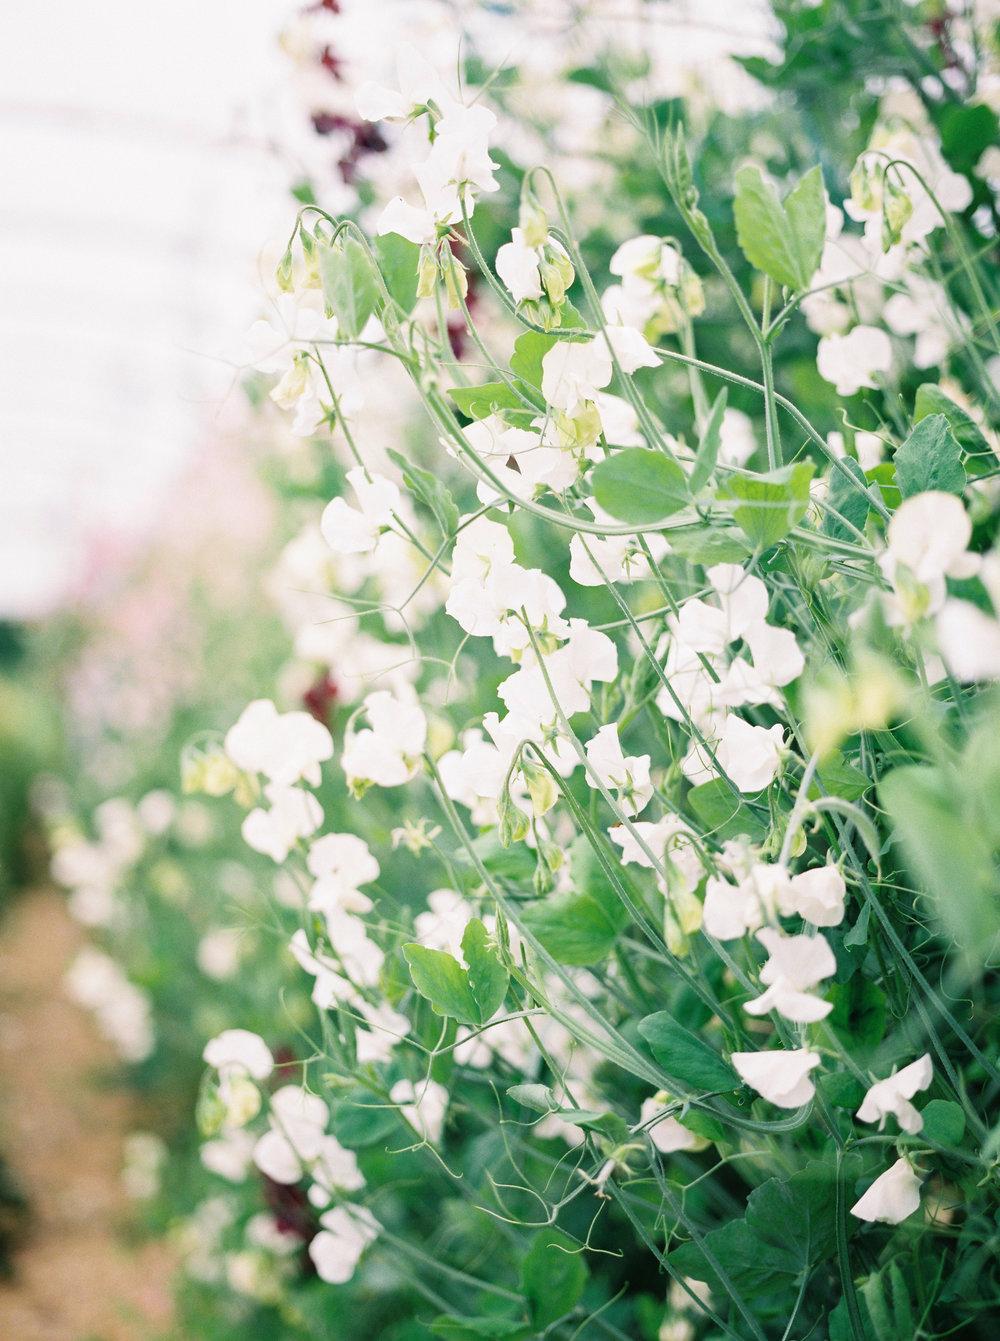 imogenxianathegardengateflowercompany-226.jpg